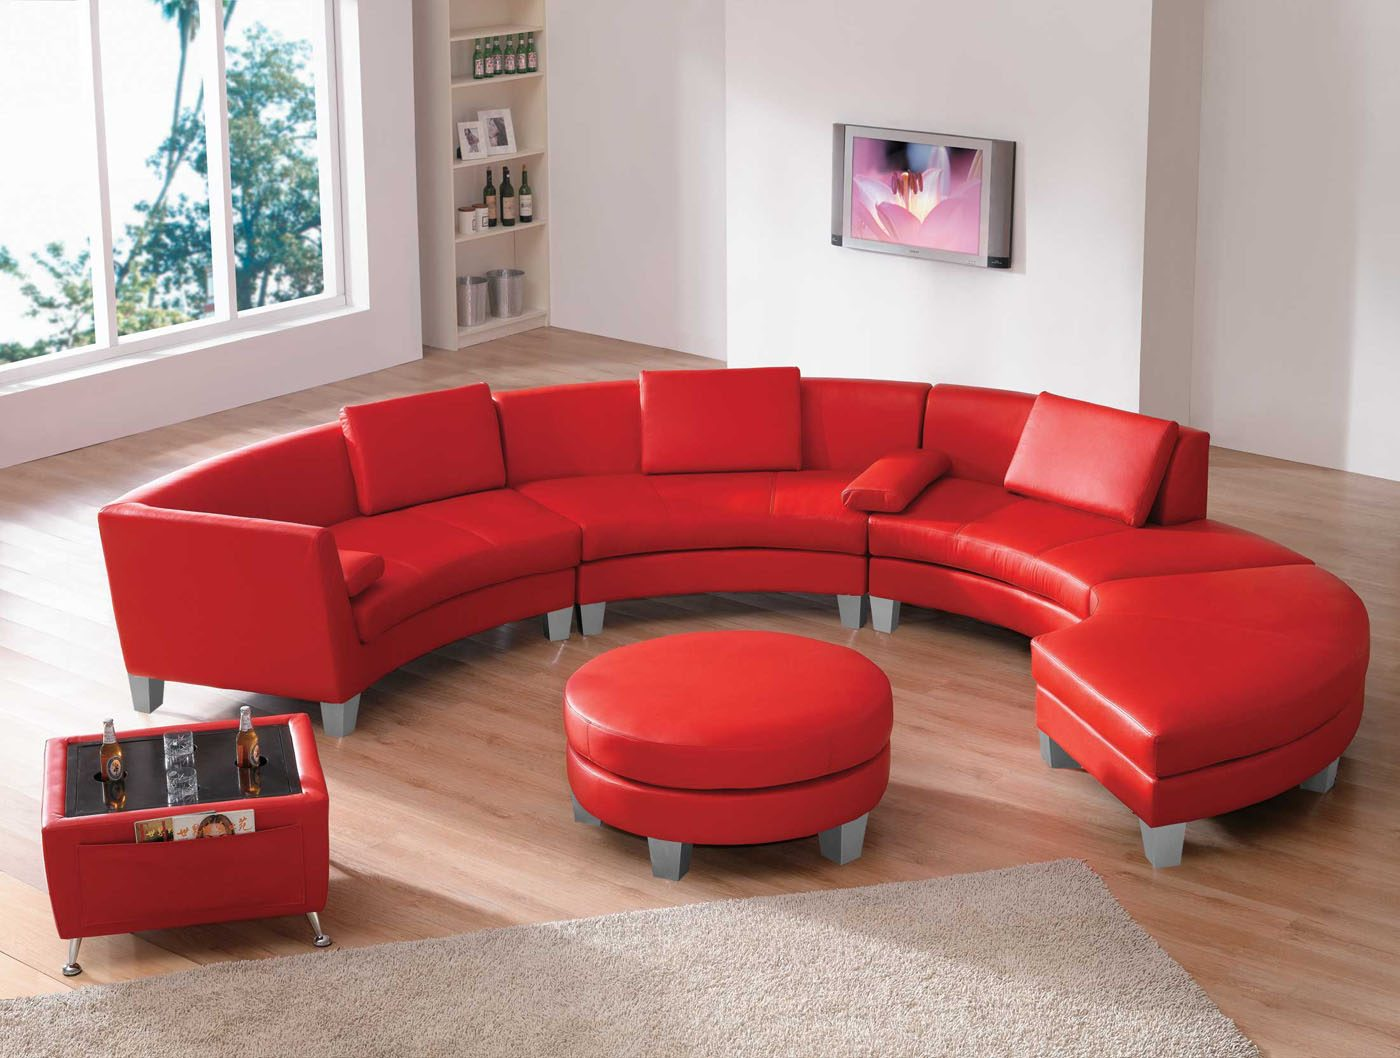 Galer a de im genes muebles modernos para el sal n - Muebles para el salon modernos ...